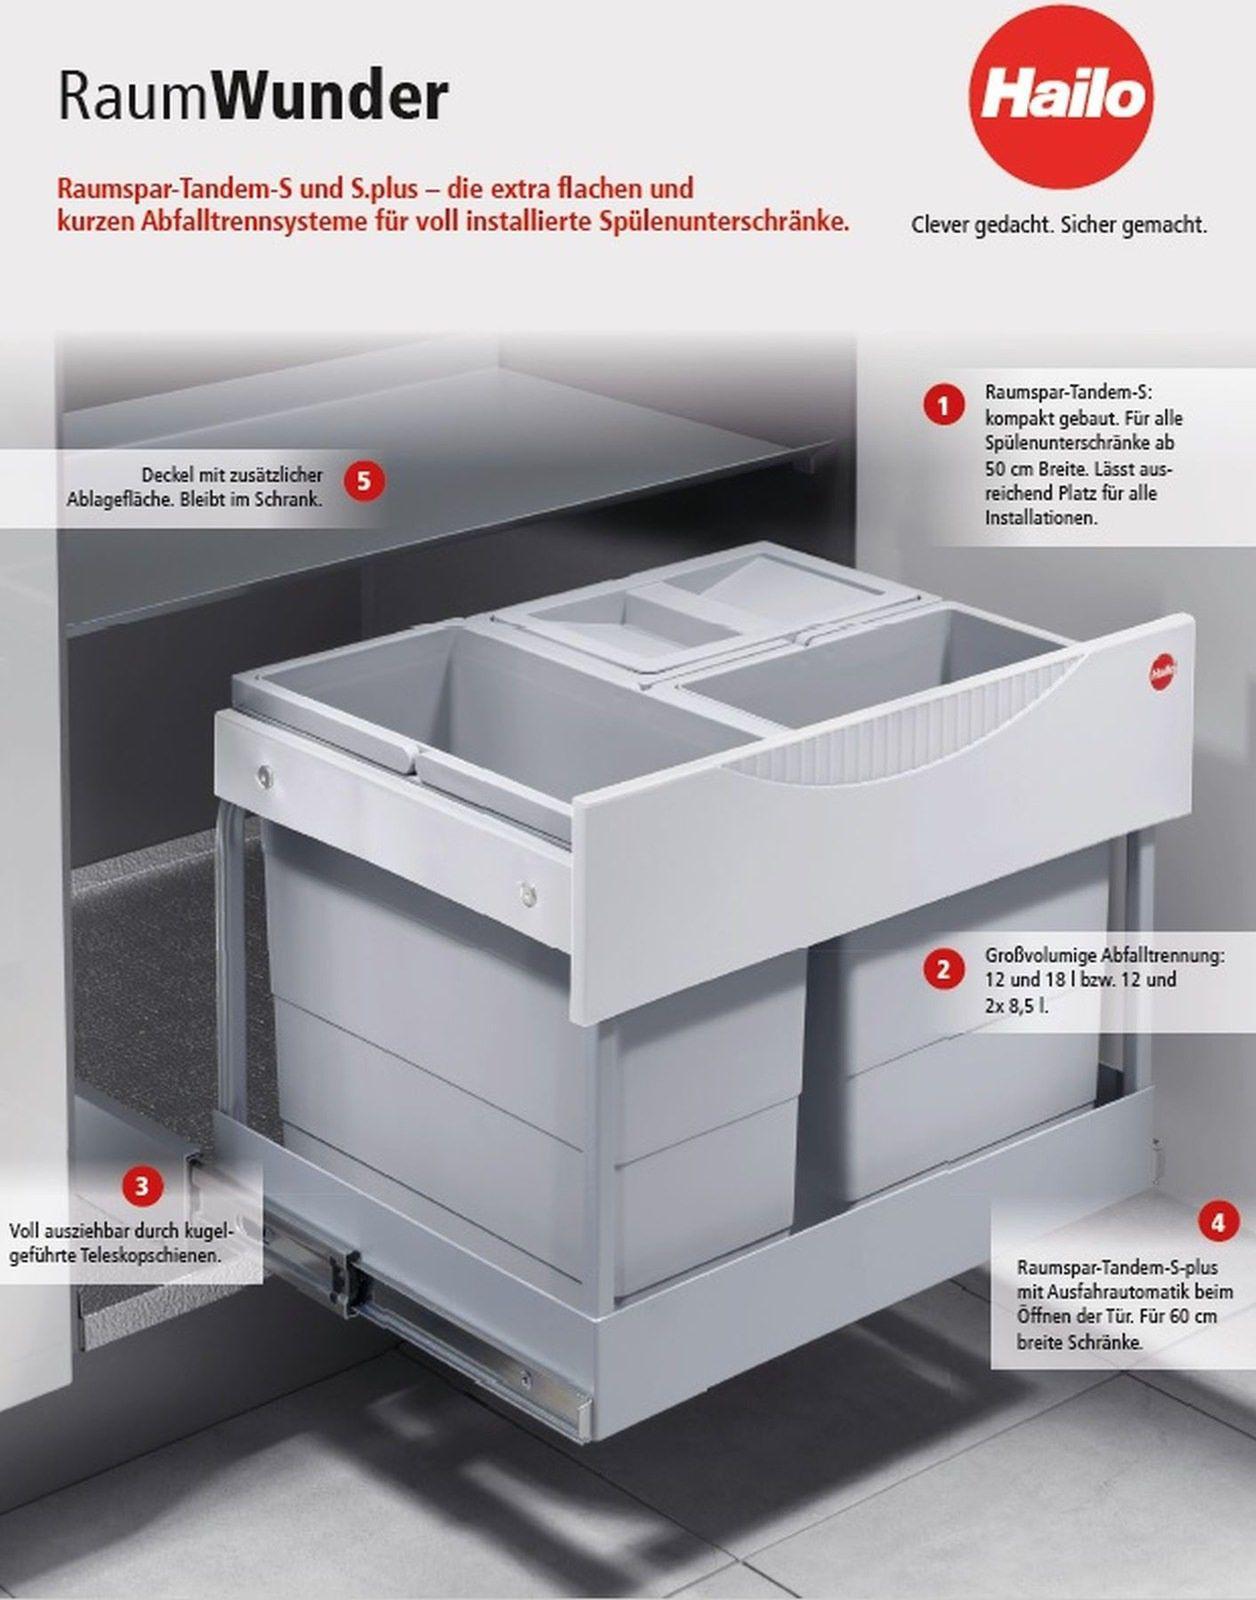 Hailo Raumspar Tandem S-Plus Küchen Abfall Mülleimer 1 x 12, 1 x 18 ...